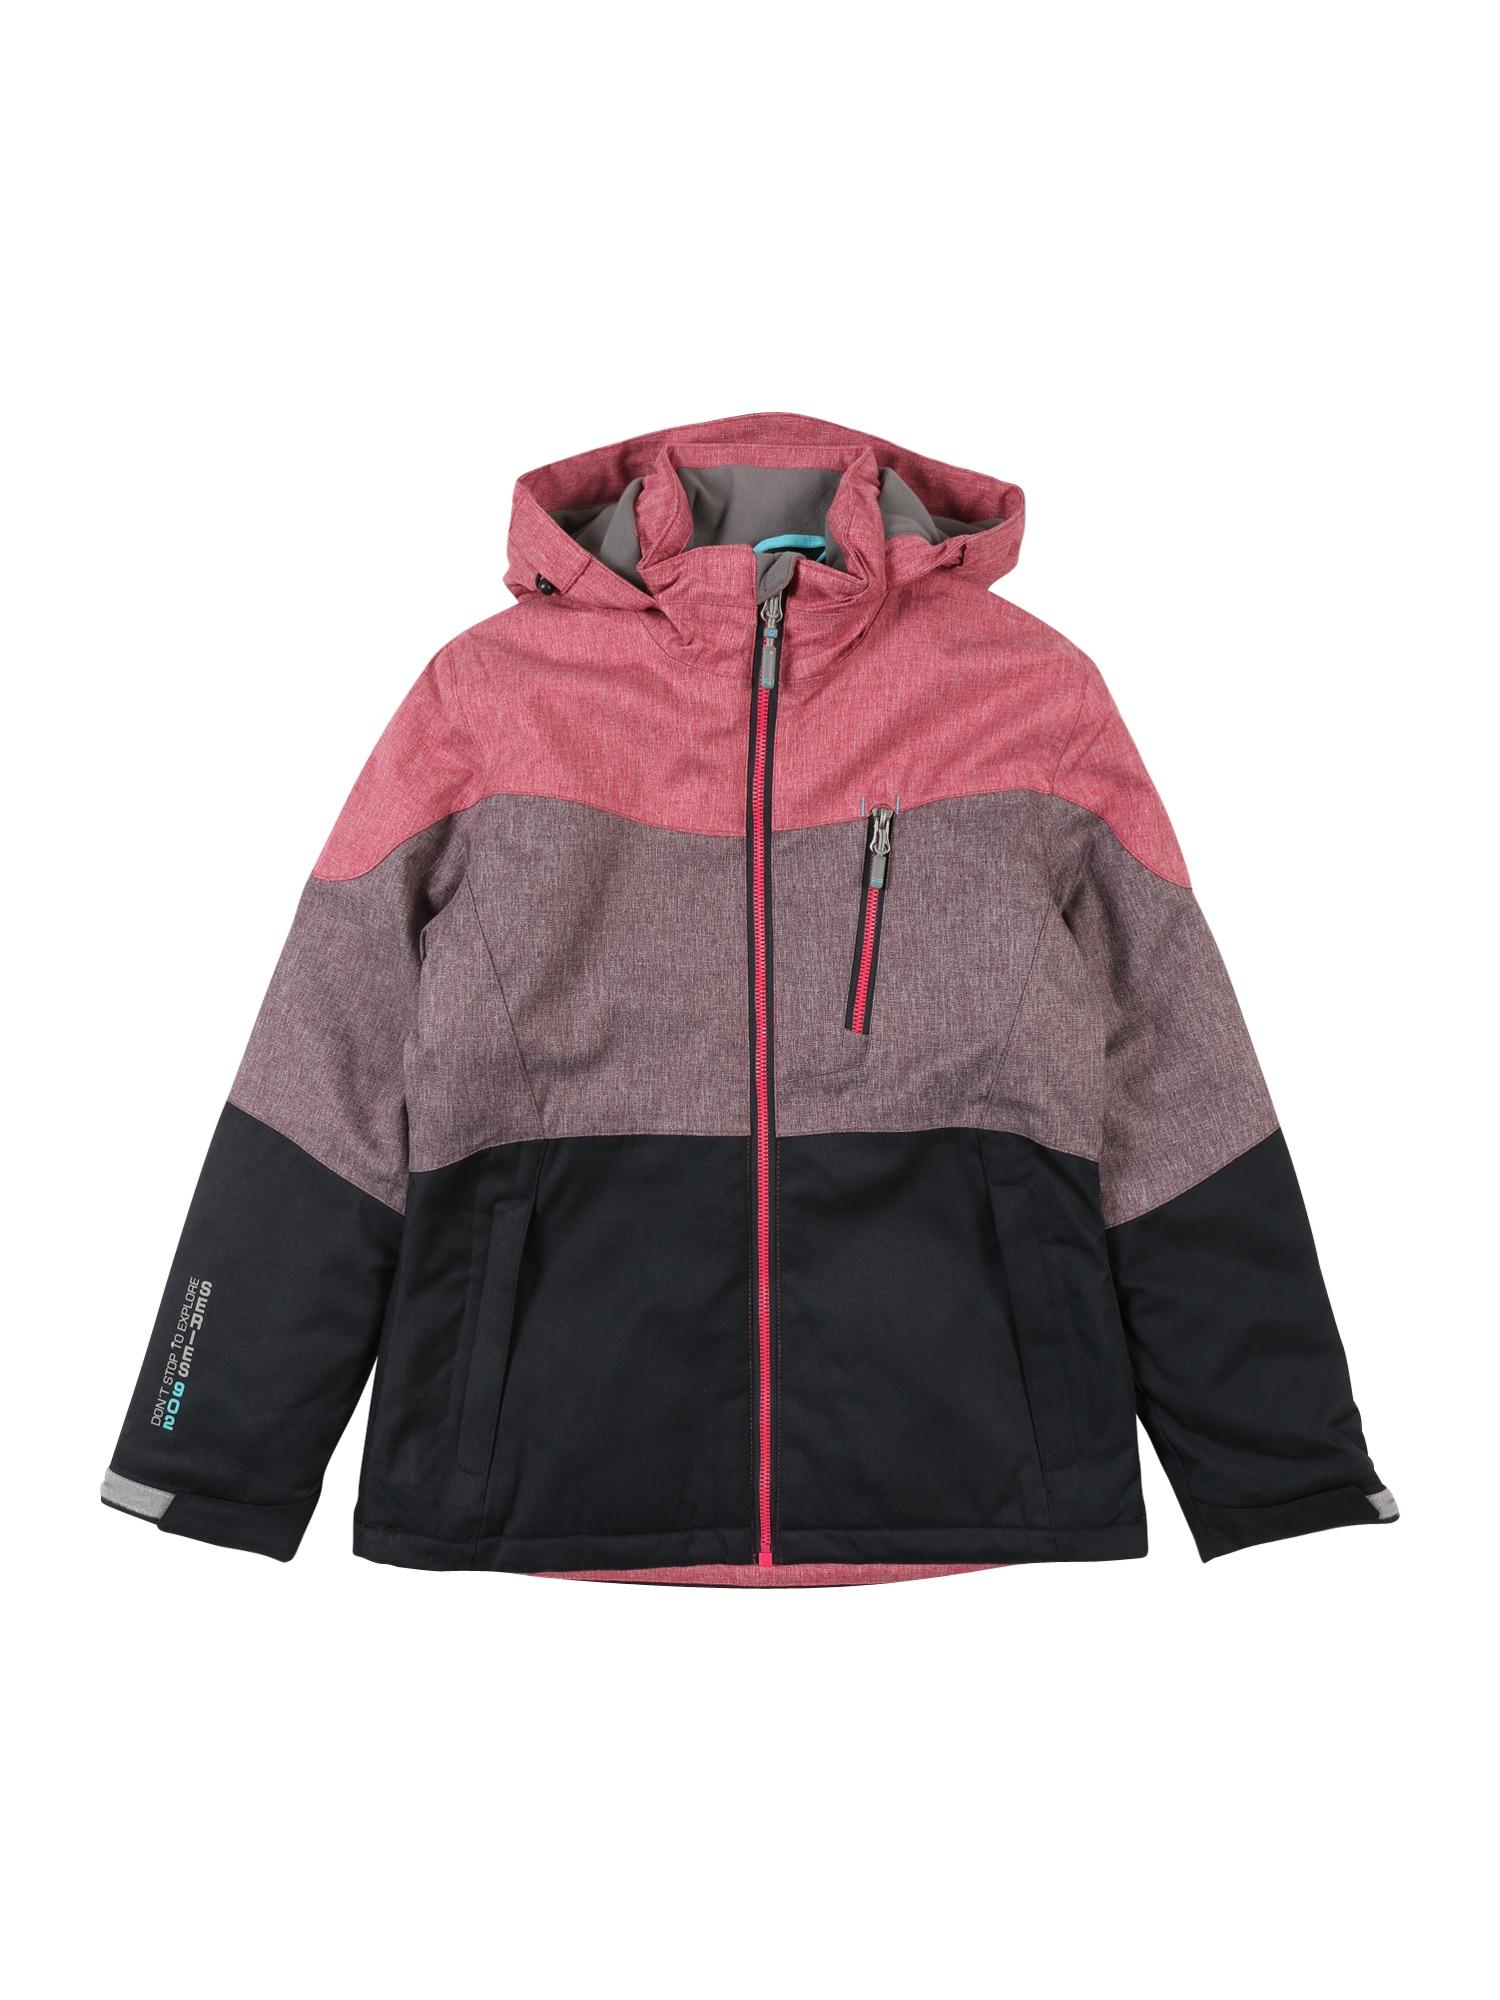 KILLTEC Laisvalaikio striukė 'Jadira Jr' slyvų spalva / rožinė